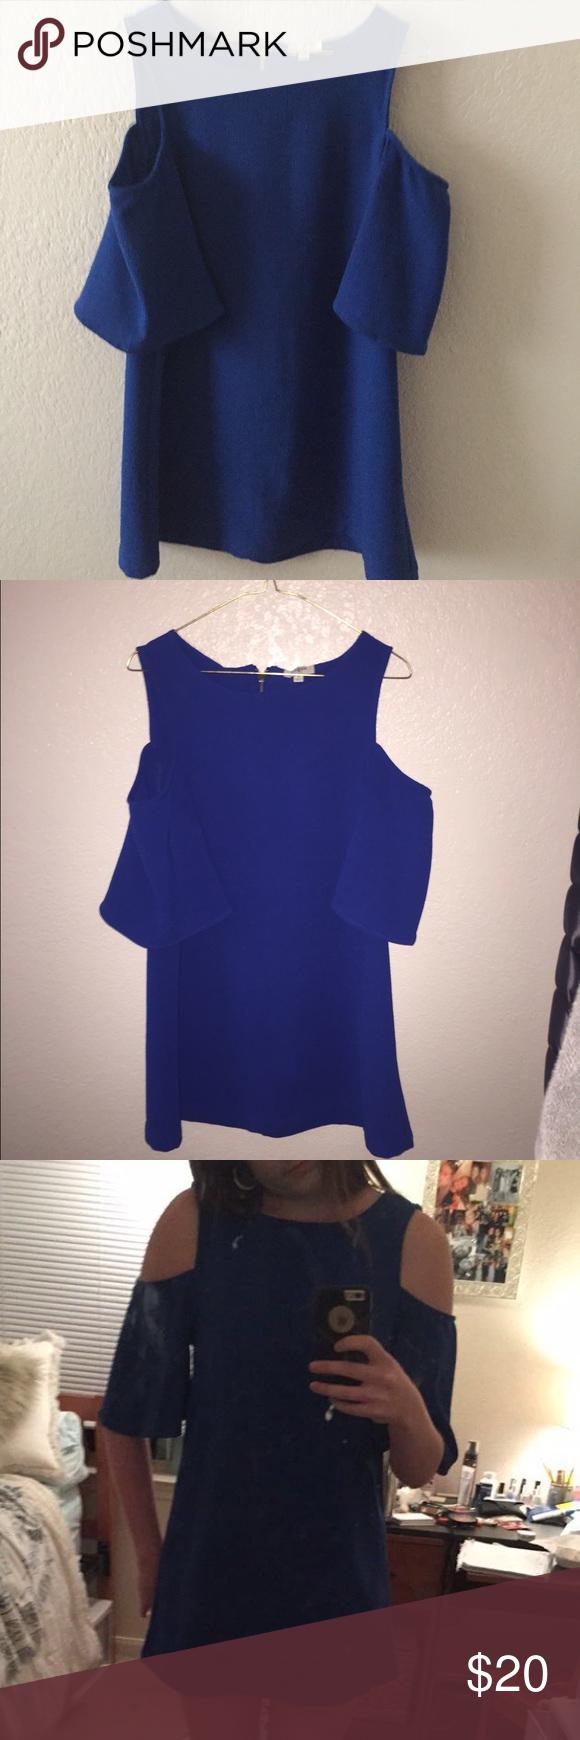 Blue shoulderless dress shoulder dress blues and minis